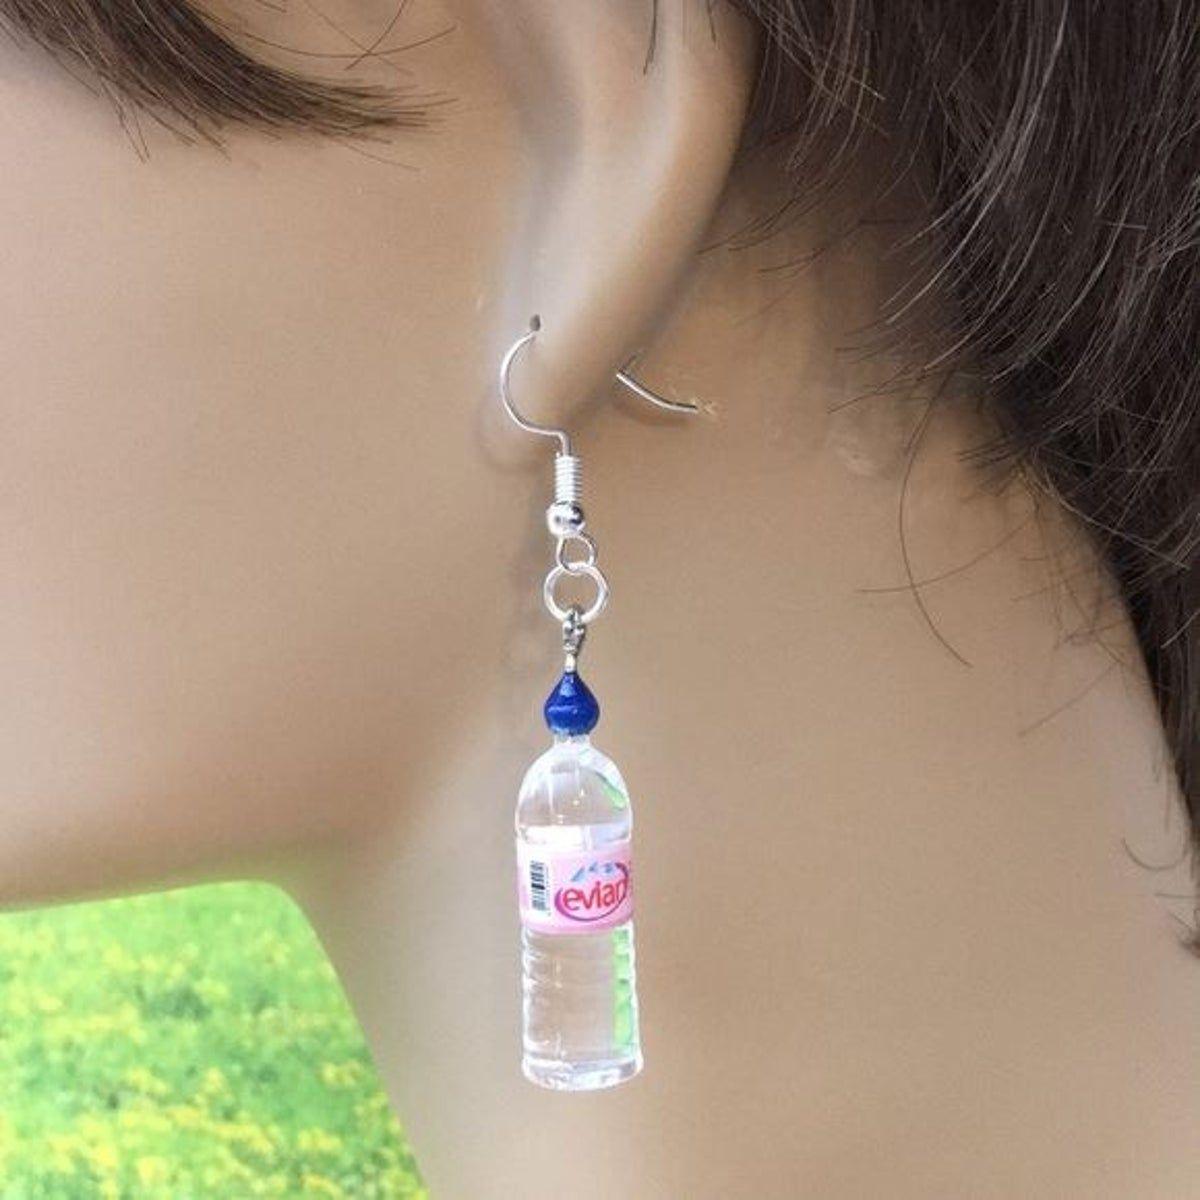 Evian Water Bottle Earrings In 2020 Bottle Earrings Evian Water Bottle Earrings